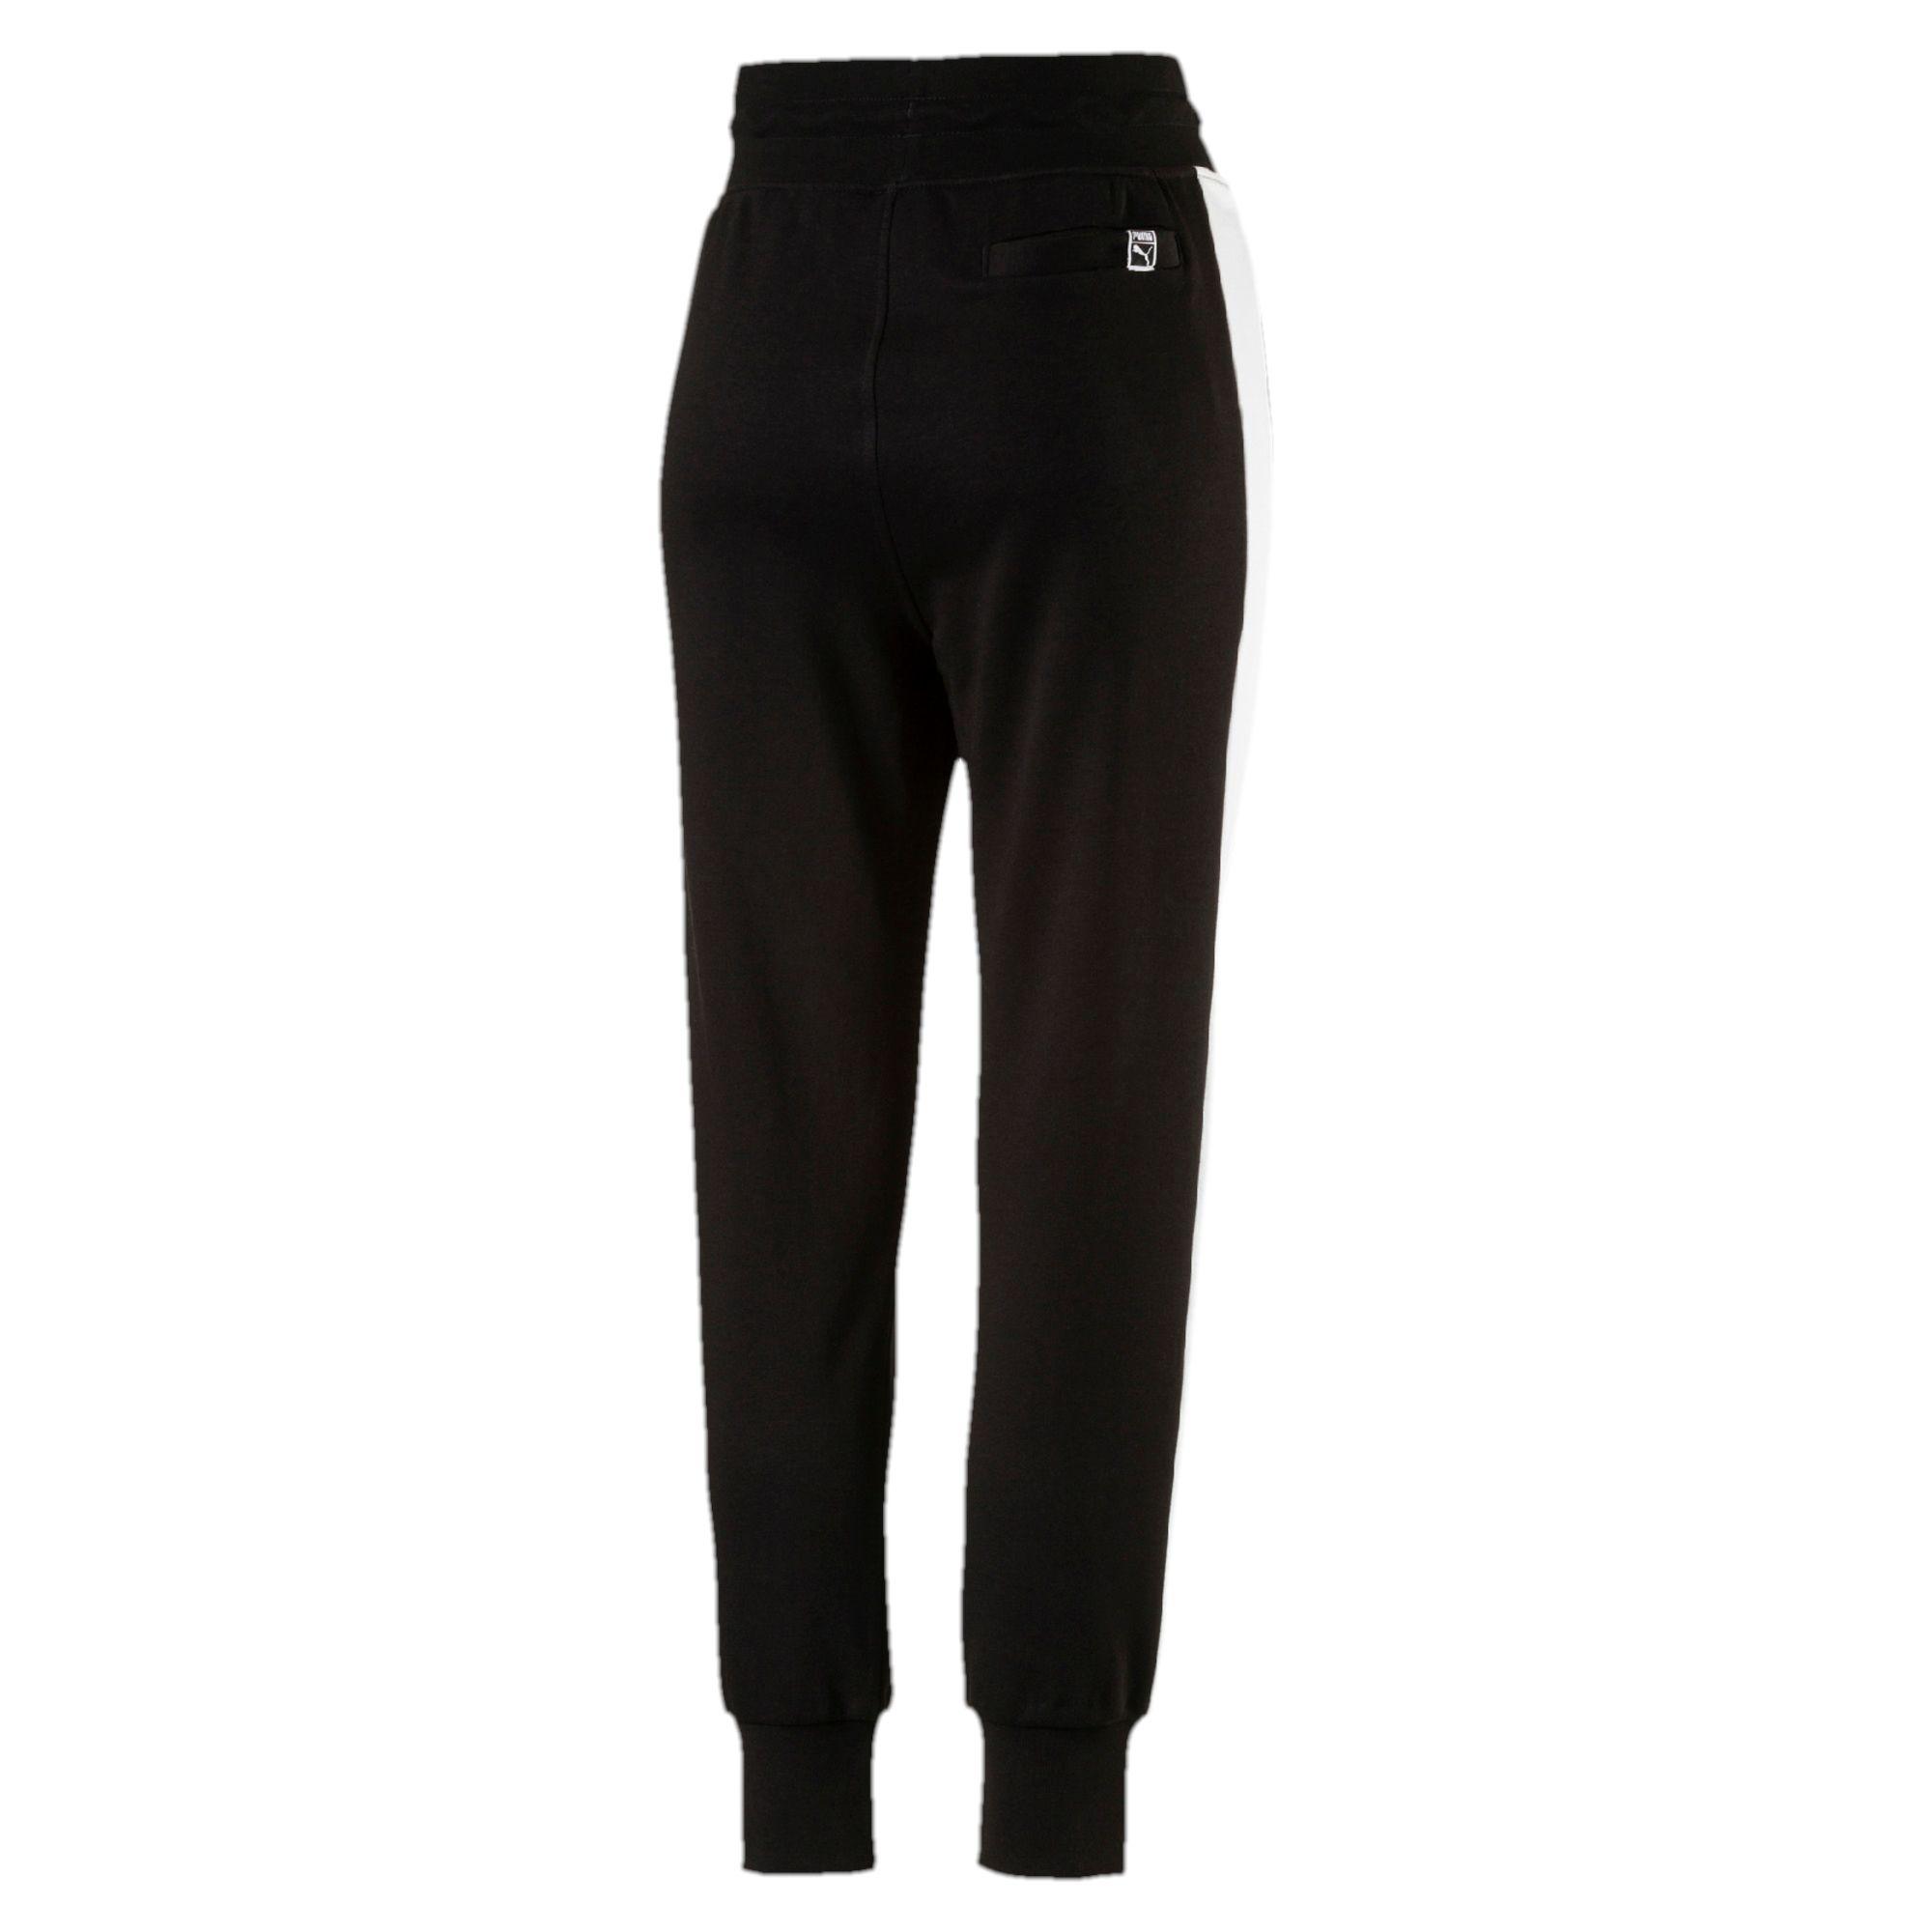 puma pantalon de surv tement archive logo t7 pour femme femmes neuf ebay. Black Bedroom Furniture Sets. Home Design Ideas